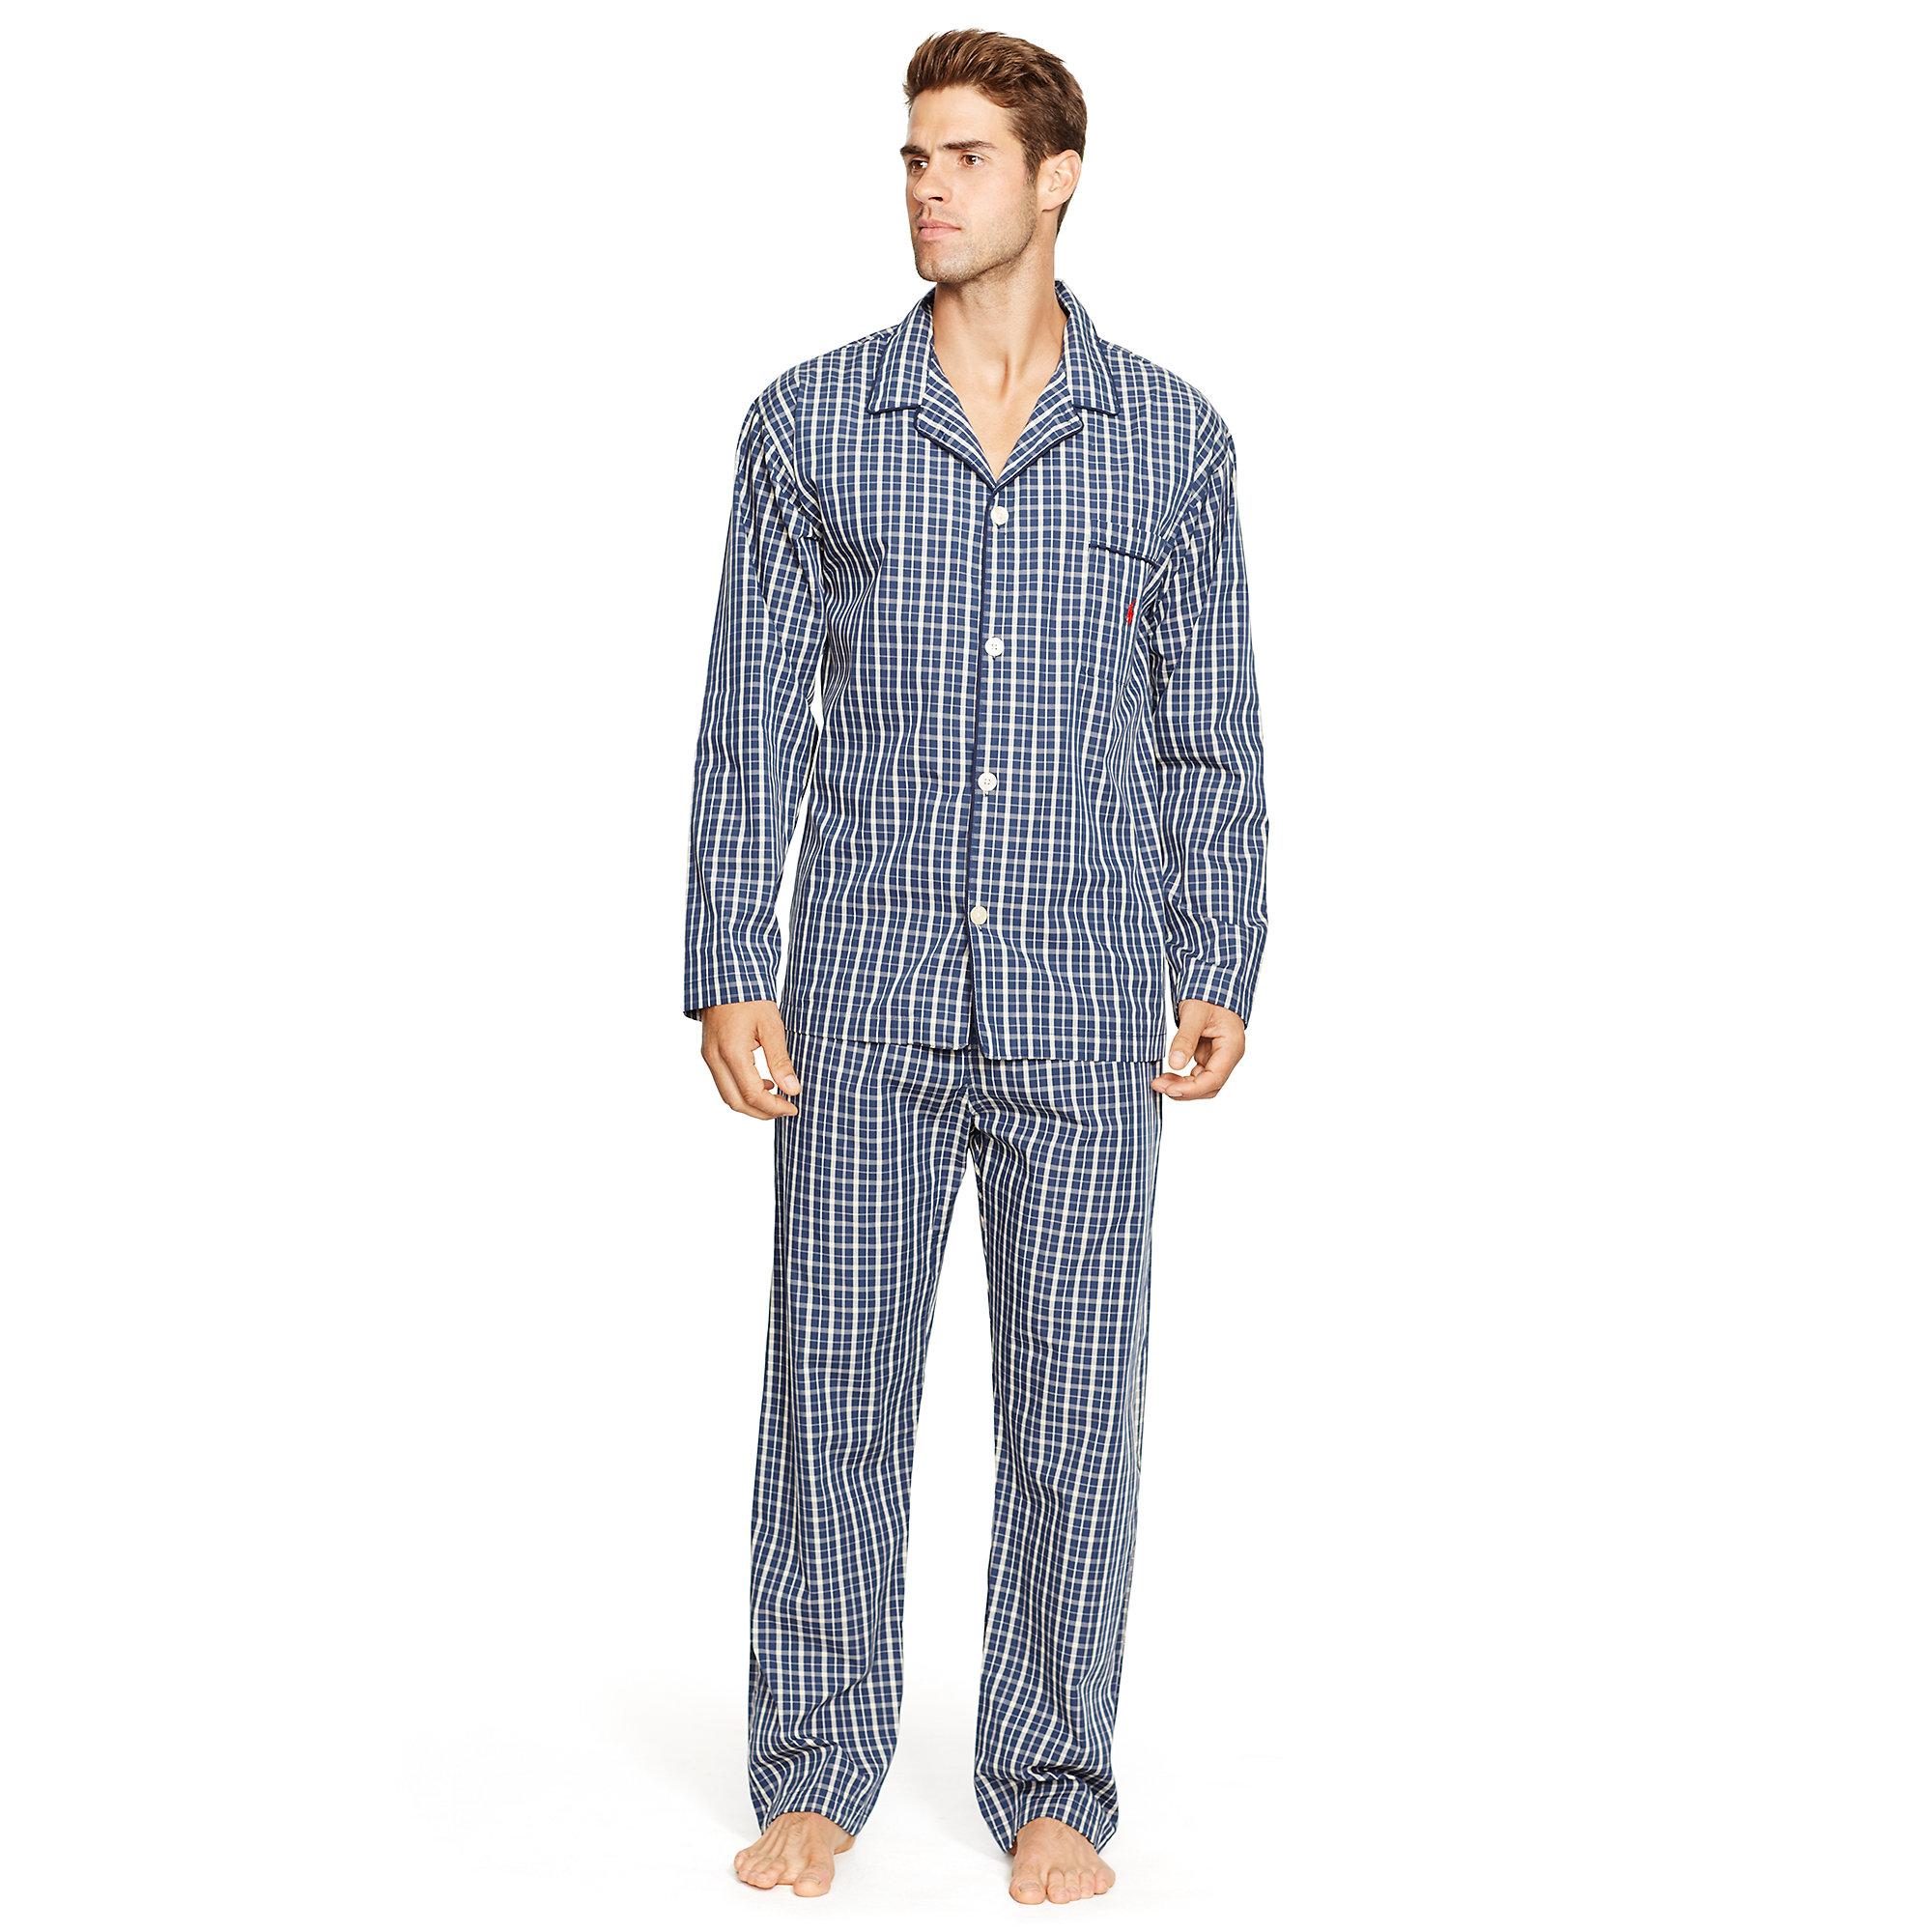 55f41bb9d4 Lyst - Polo Ralph Lauren Plaid Cotton Pajama Pant for Men